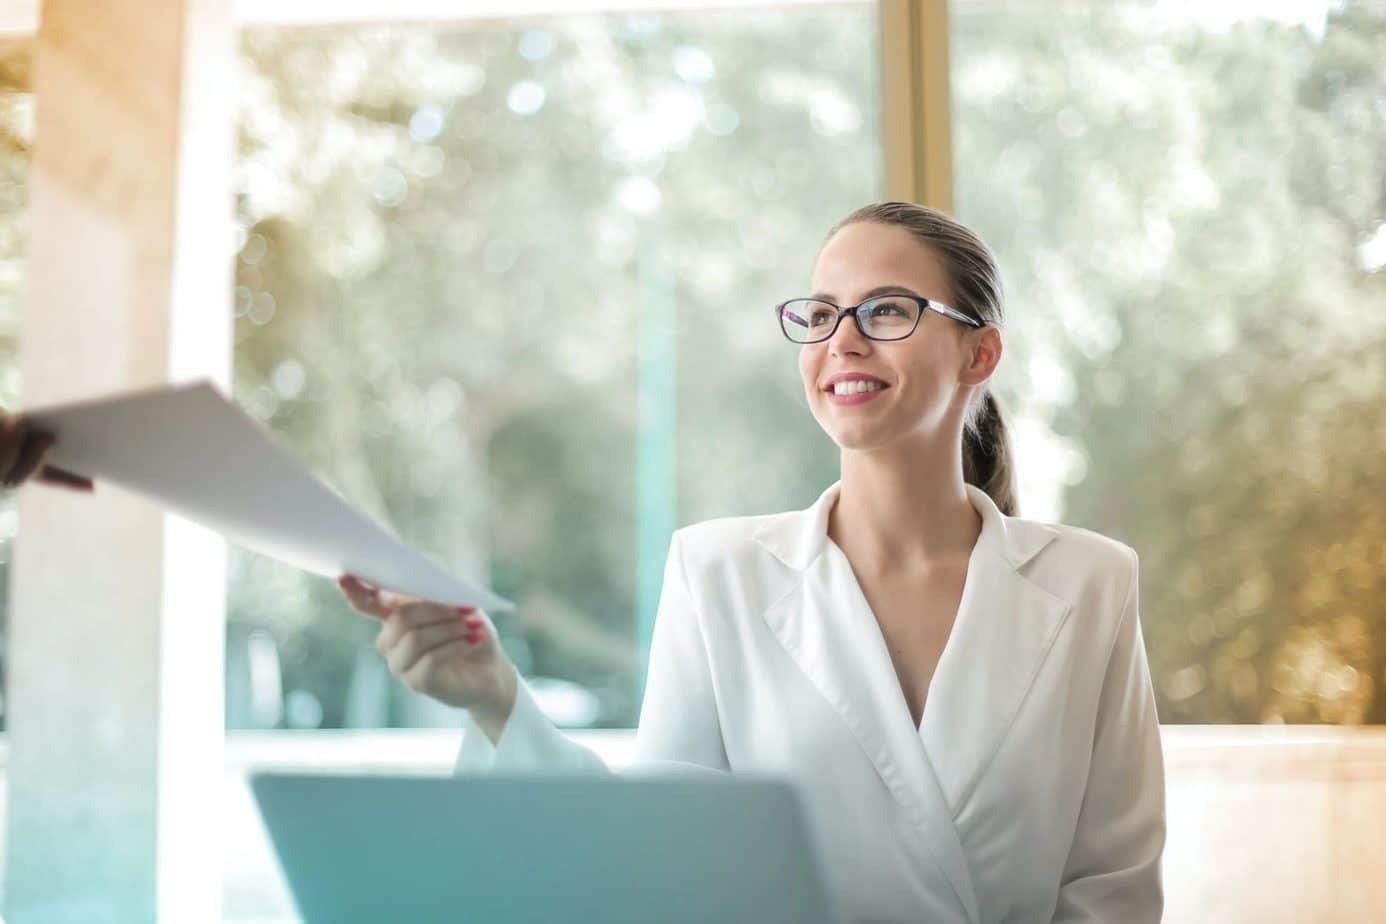 Comment choisir la bonne tenue entretien d'embauche?